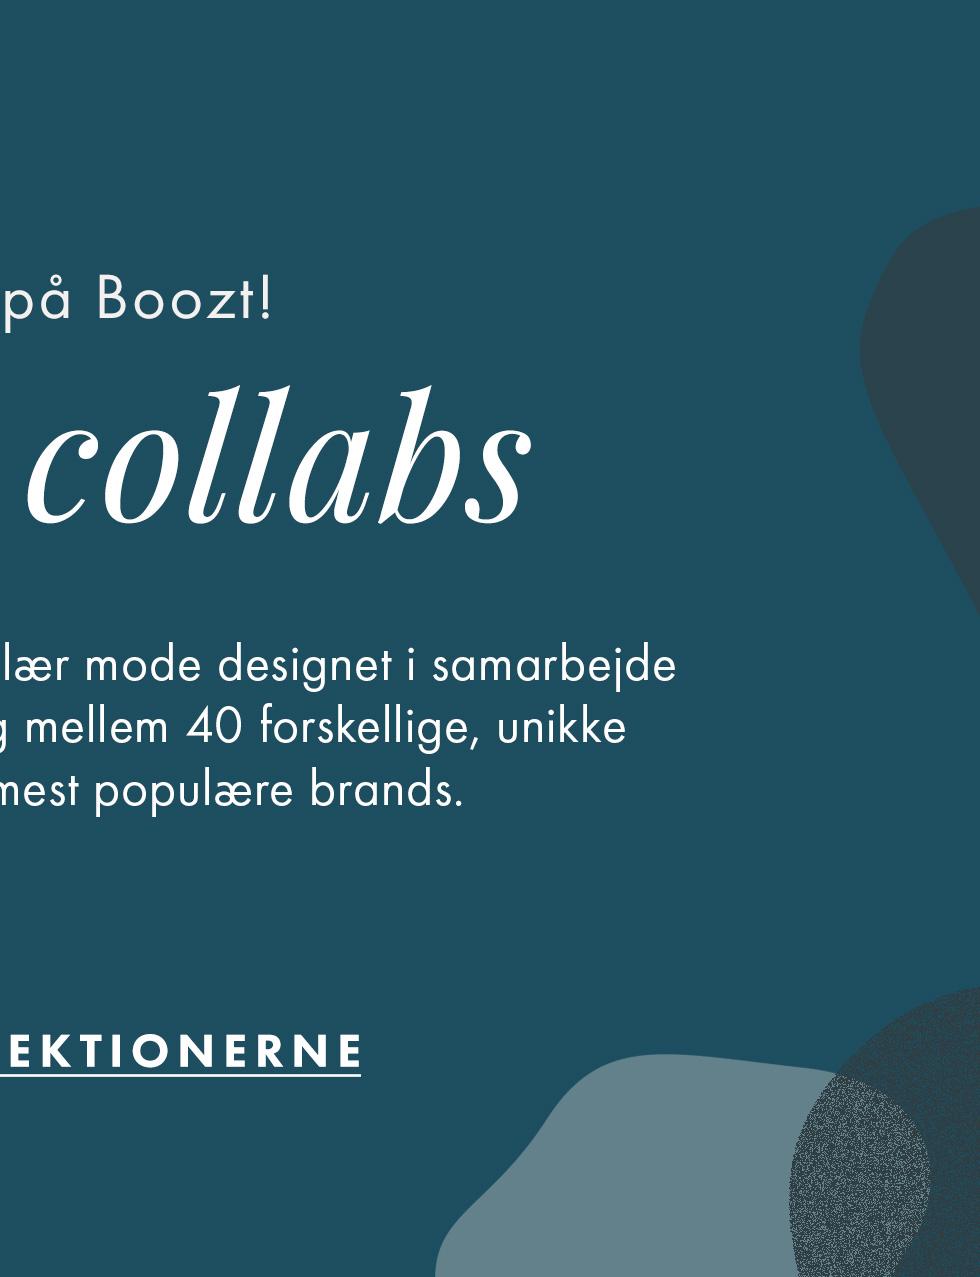 Boozt_Collabs_Carousel_02_en